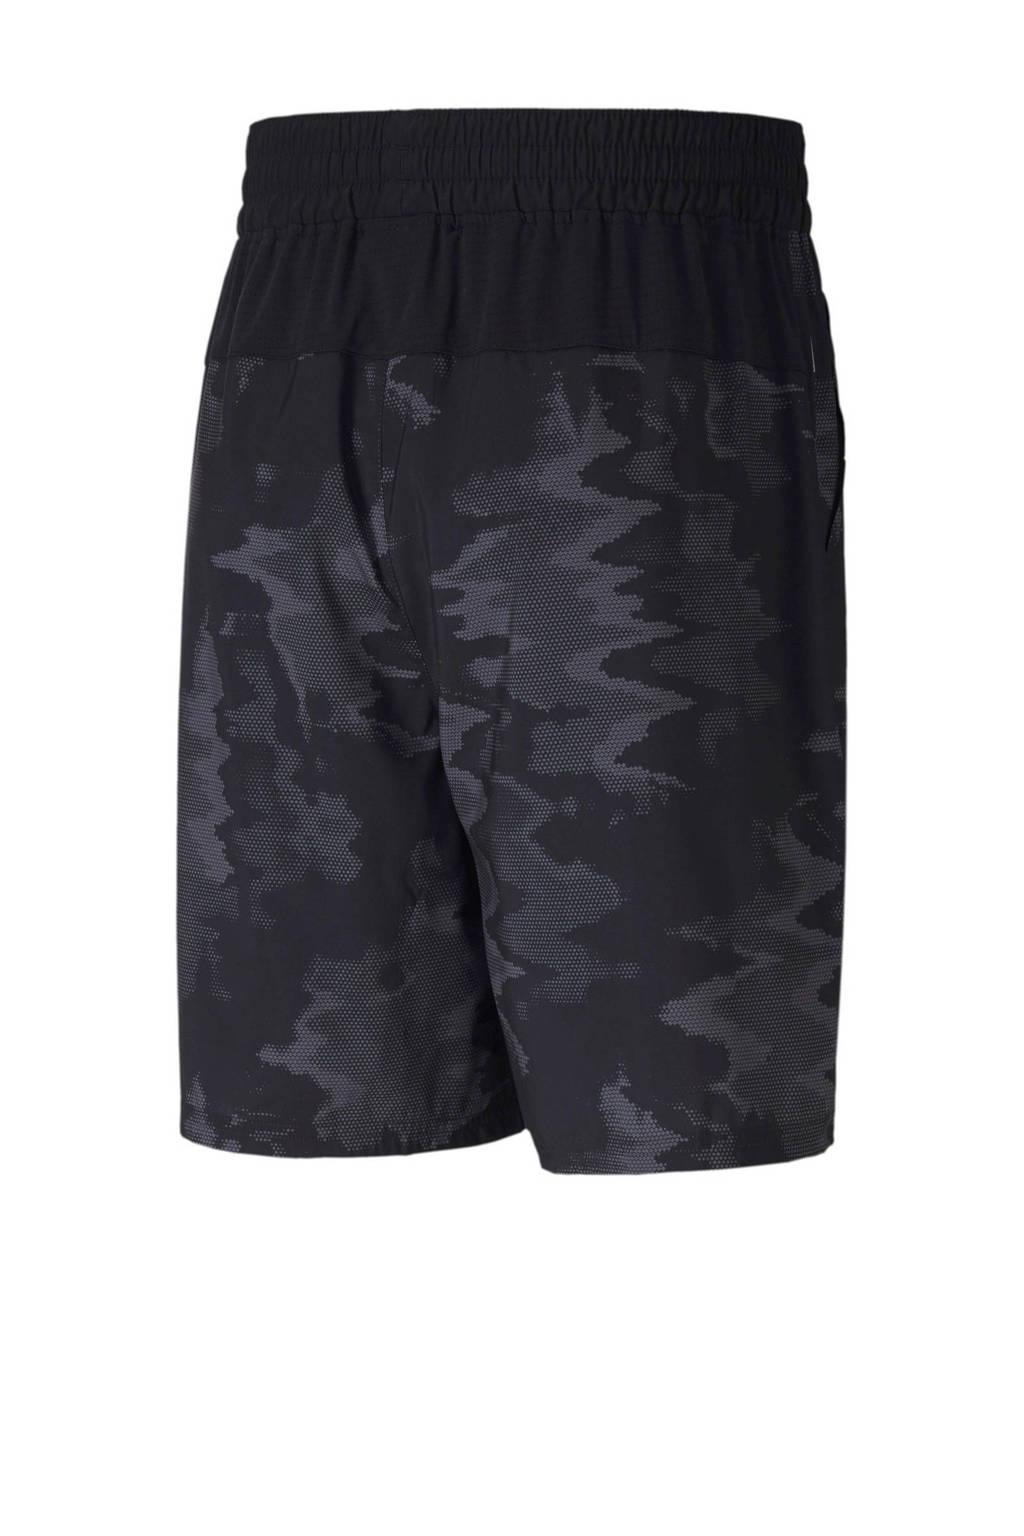 Puma   sportshort camouflageprint zwart/antraciet, Zwart/antraciet